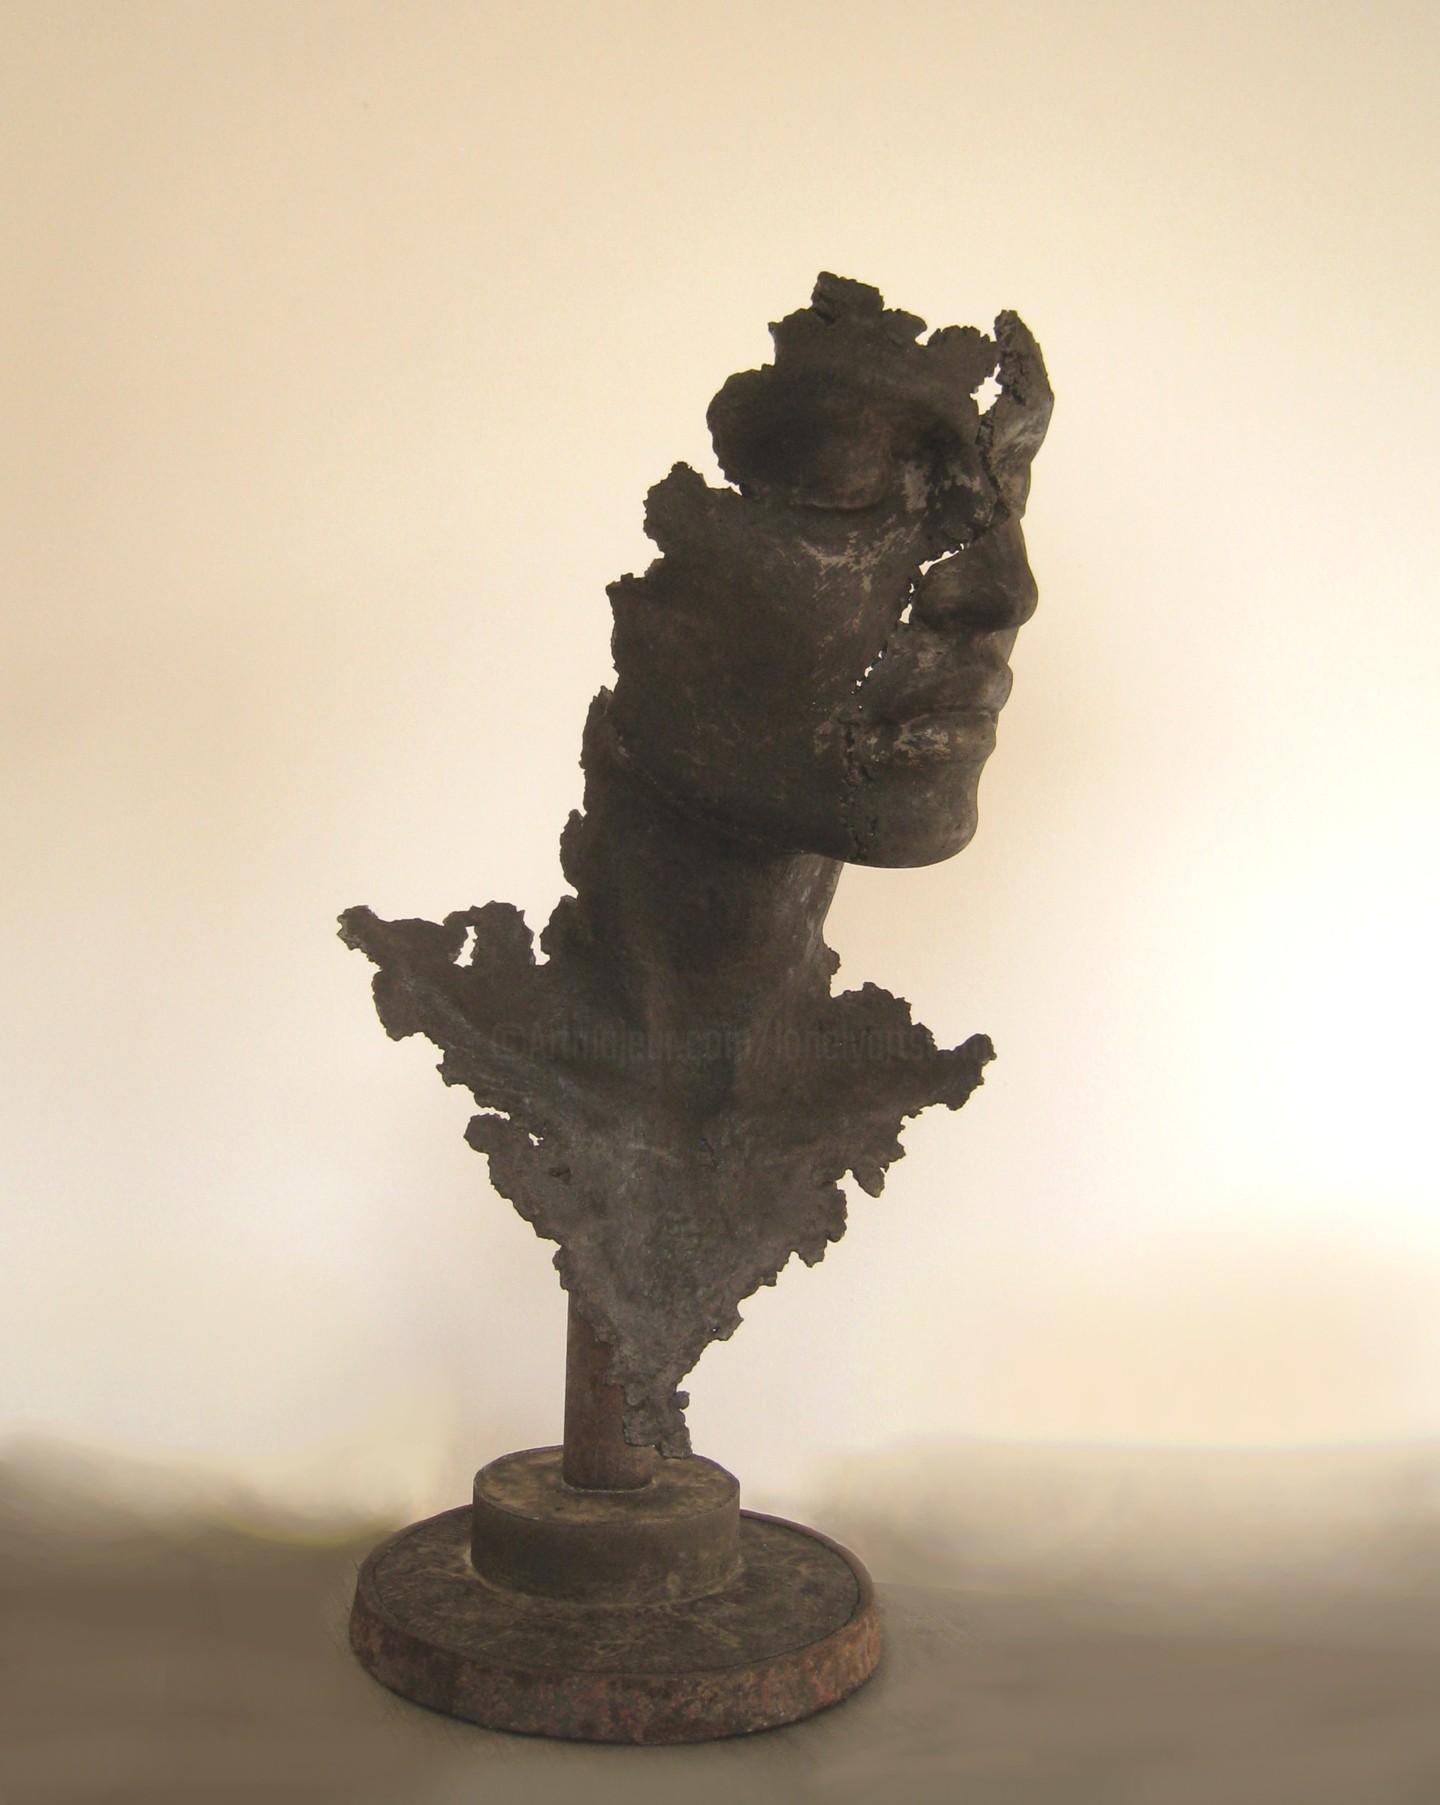 JEAN-YVES VERNE - concrete art - sculpture en ciment -  buste noir